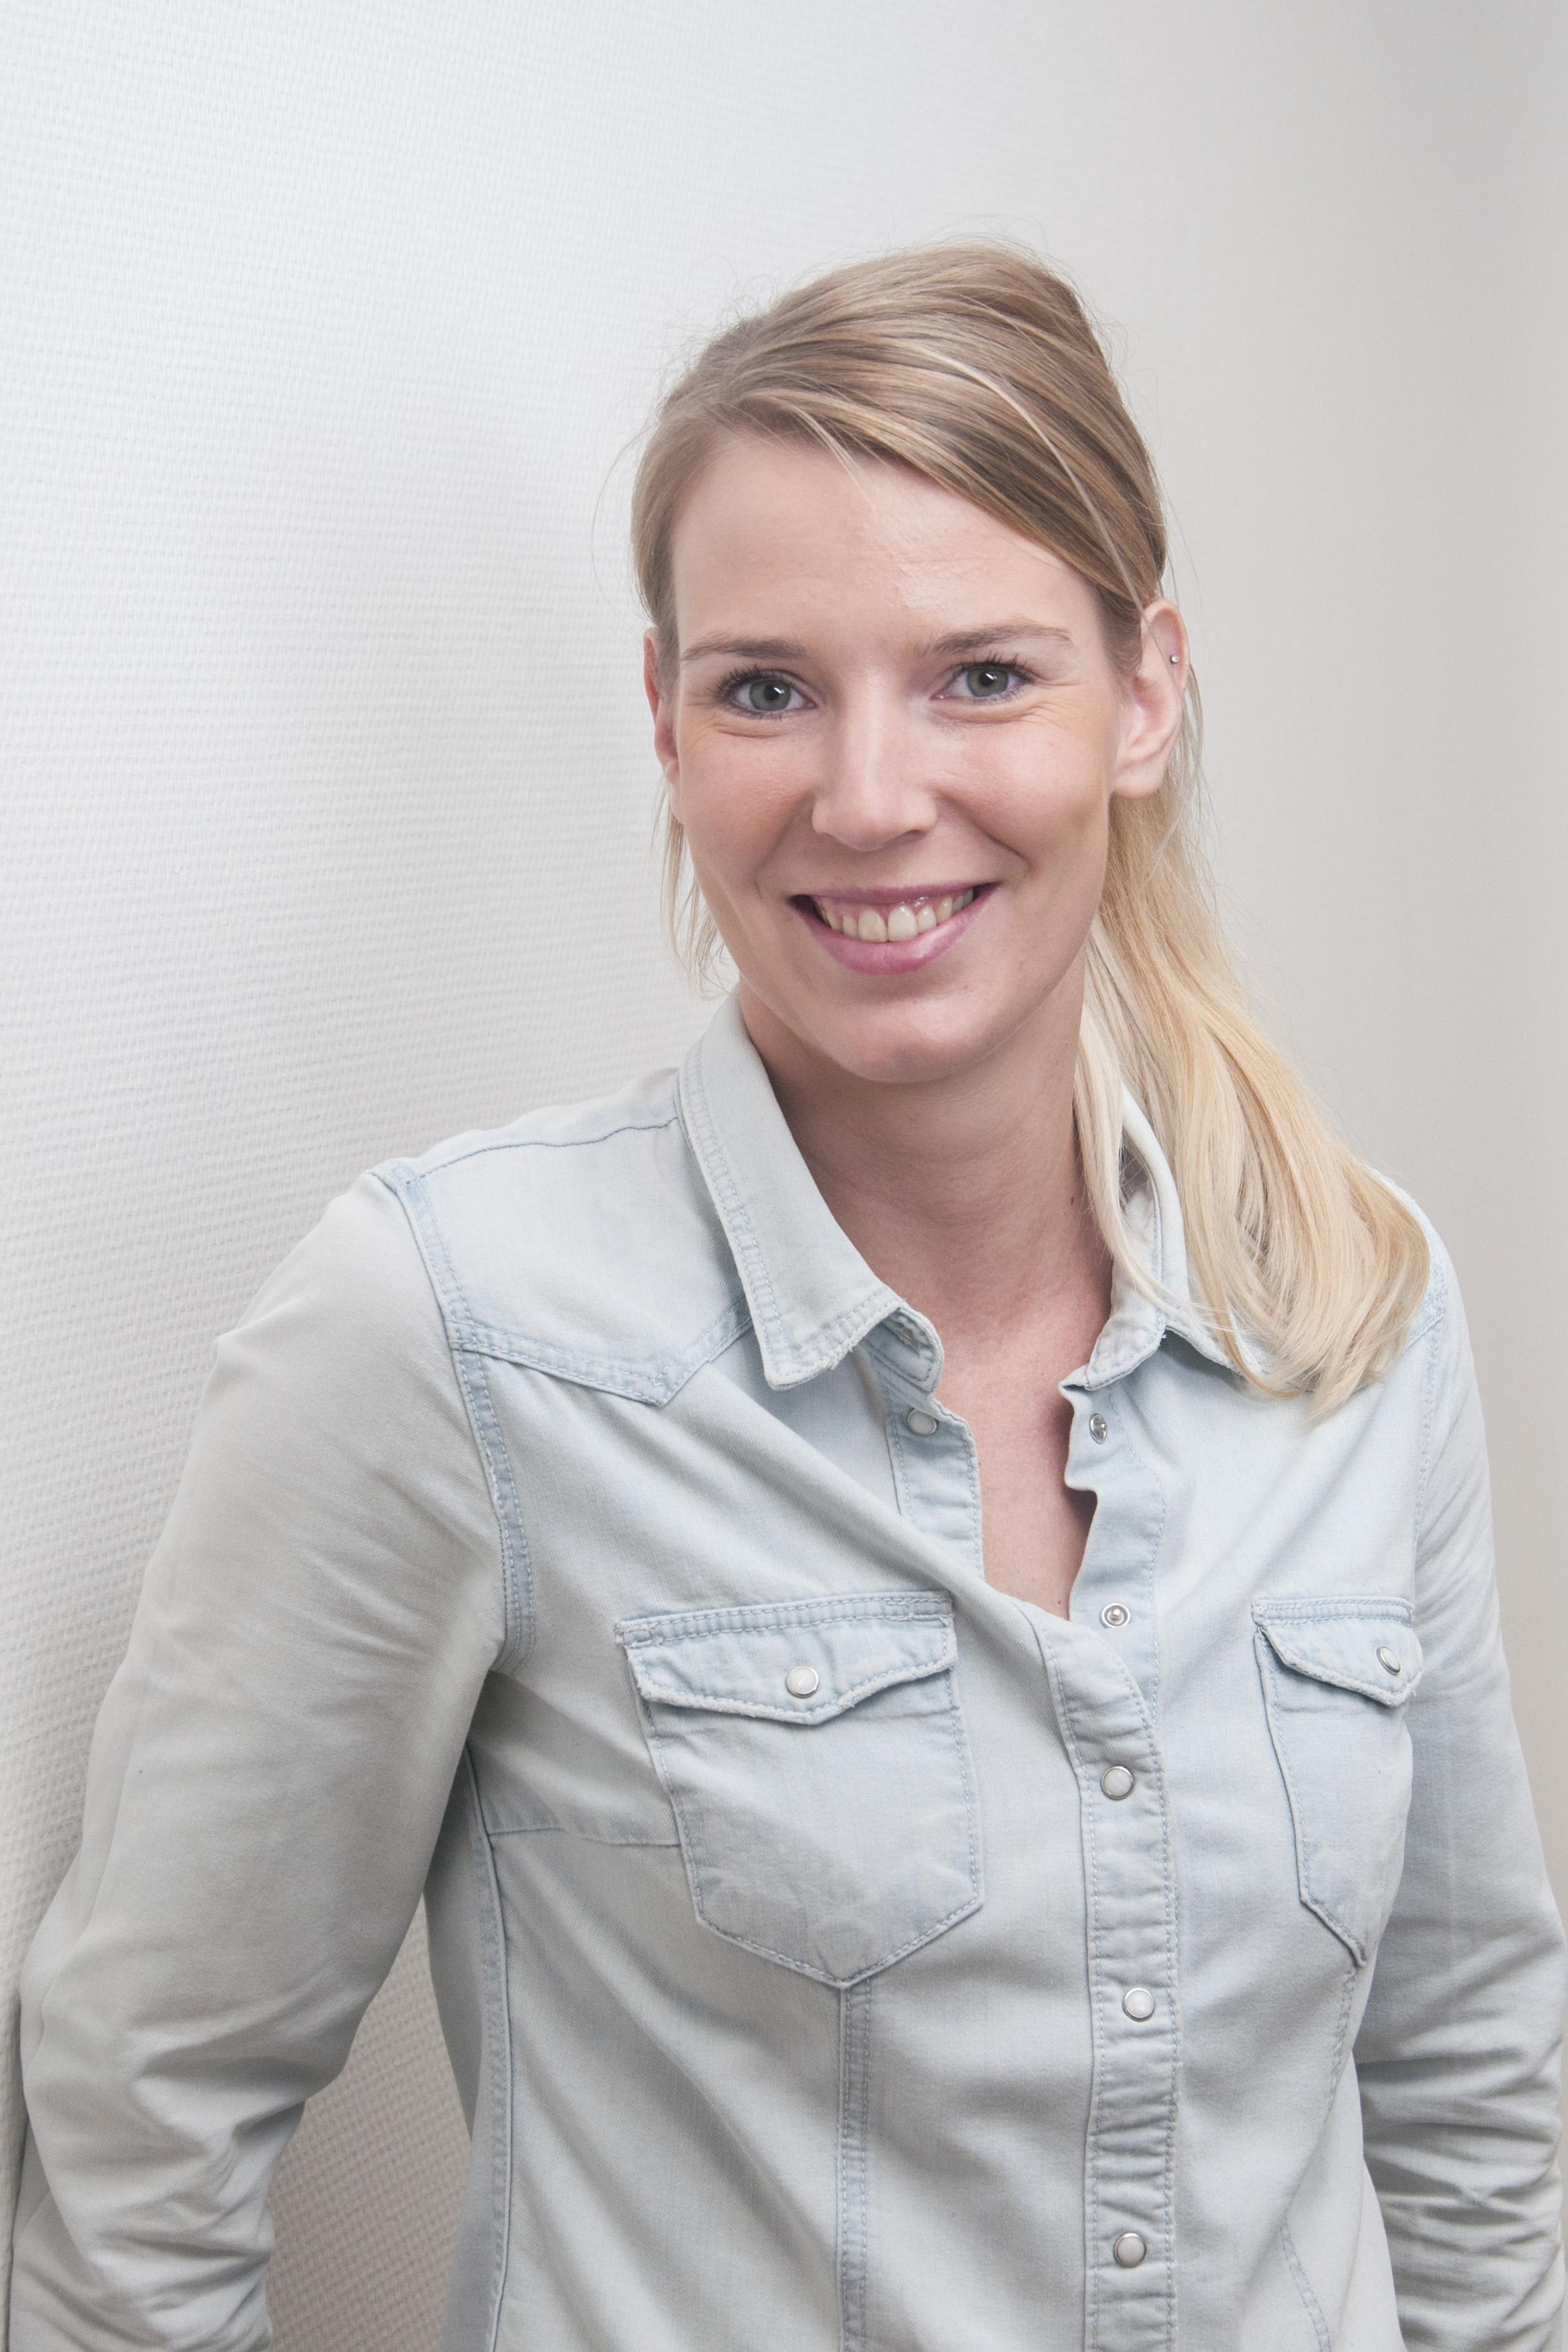 Céline Koenraat